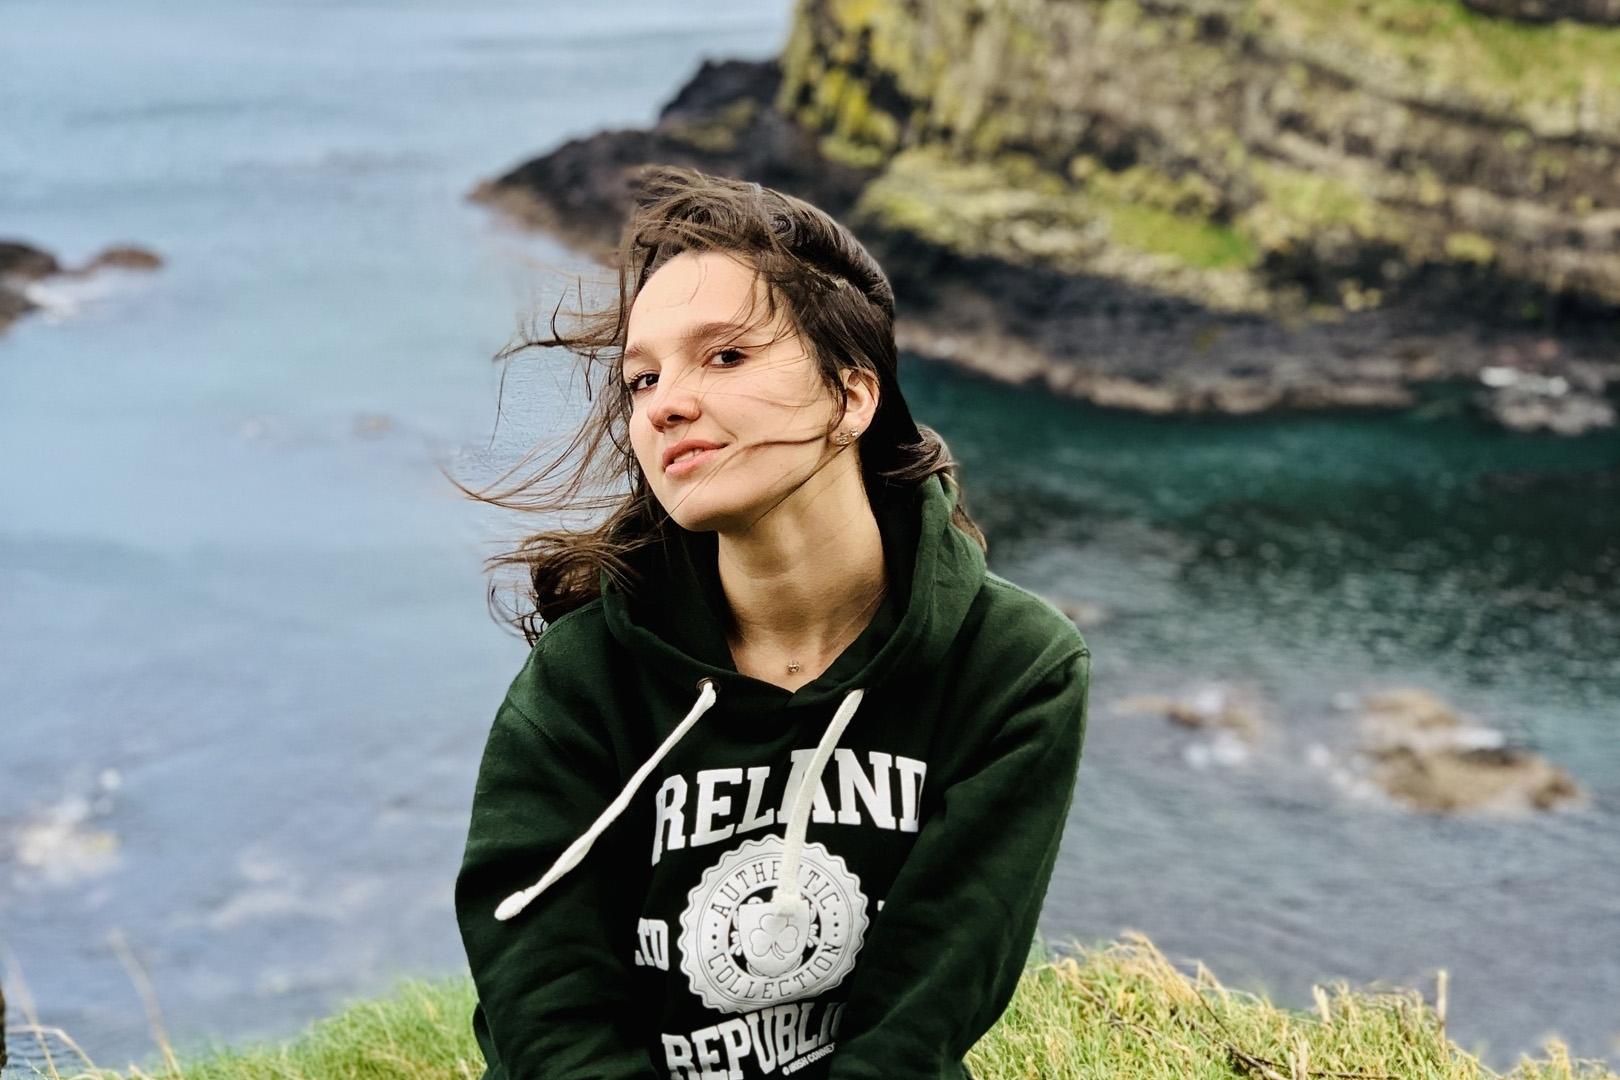 Елена Гремилова, журналист. Увлекается научно-популярной литературой, водным туризмом, волейболом, путешествиями. Считает, что беречь, ценить и любить нужно людей, а не материальные объекты